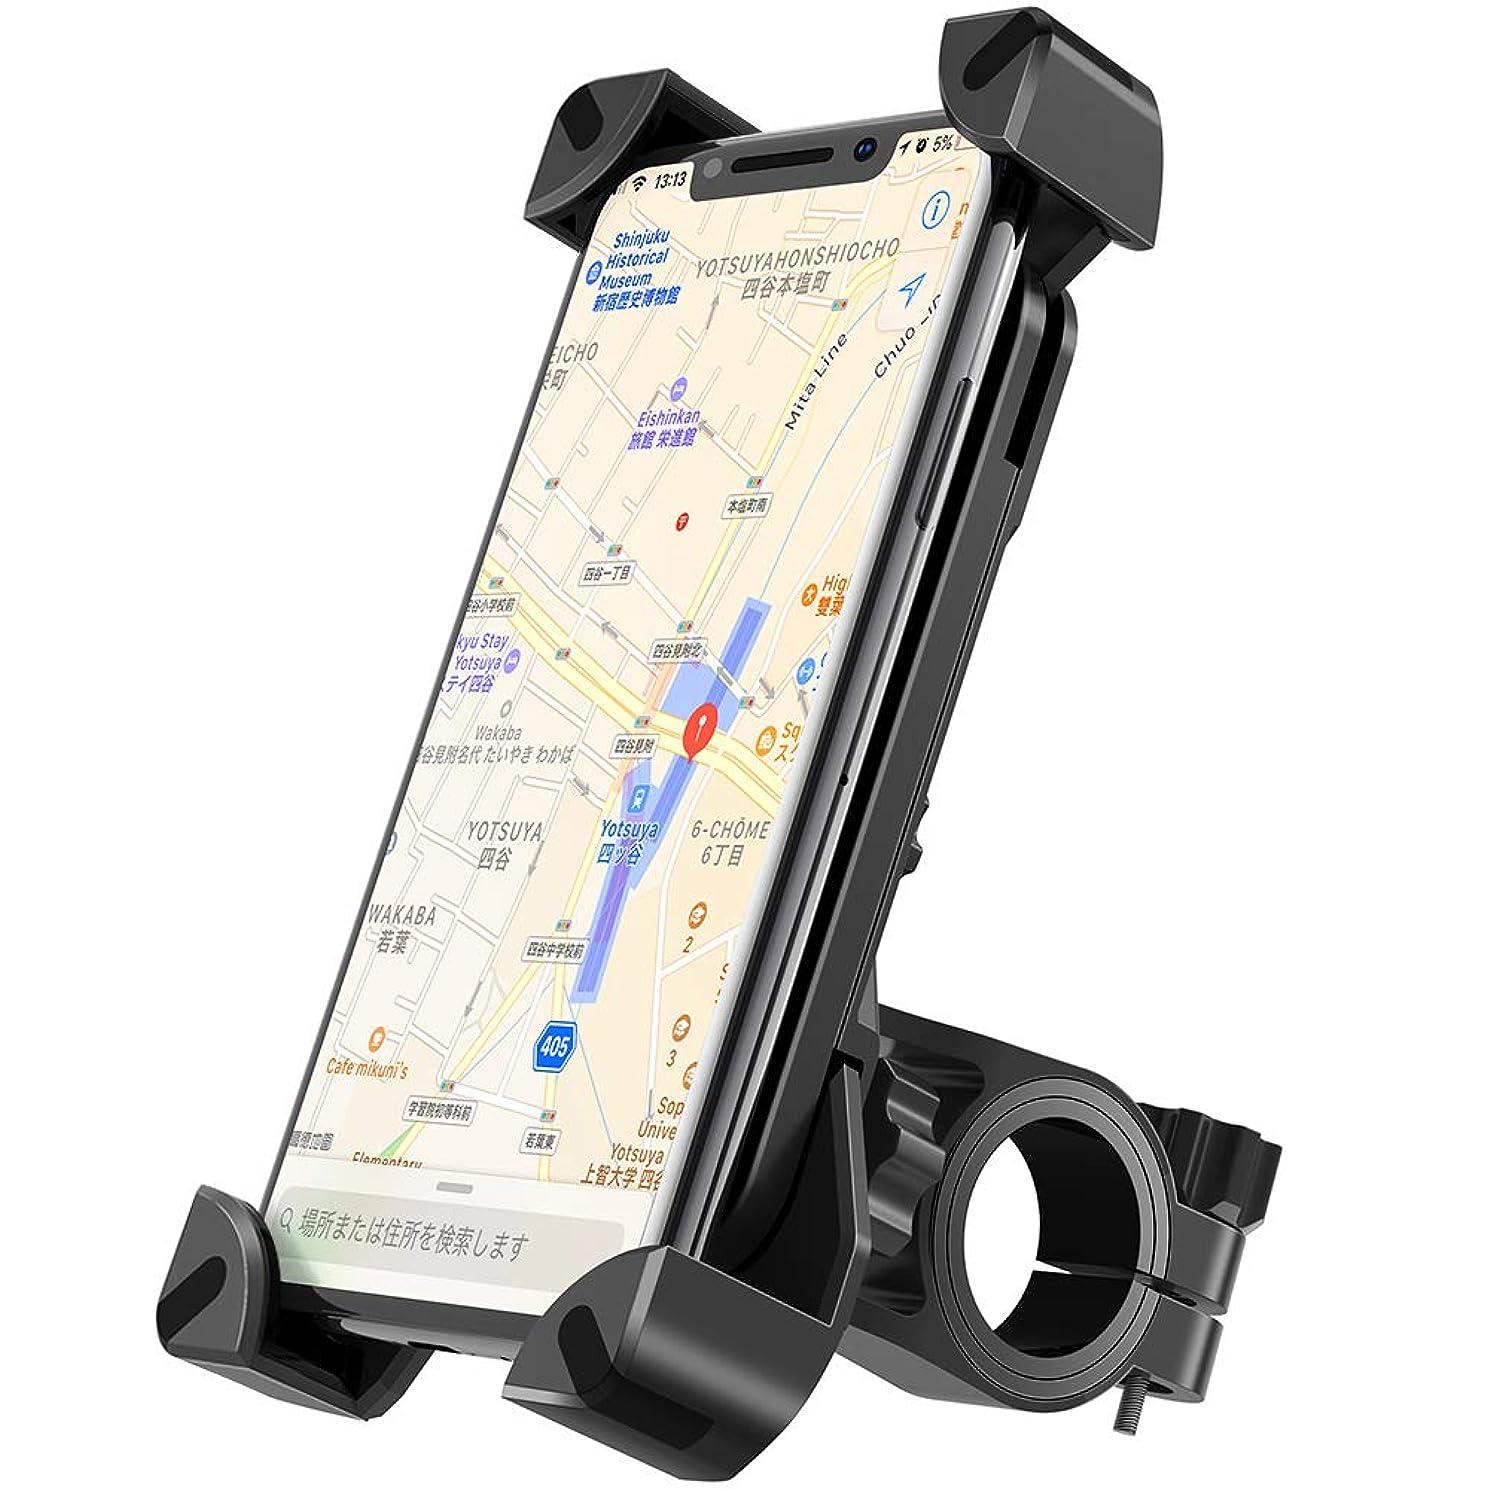 出席ゴシップ小川自転車 スマホ ホルダー amxus バイク スマホ ホルダー 振れ止め 脱落防止 オートバイ スマホホルダー 防水 装着簡単 360度回転 4-6.5インチのスマホに対応 iPhoneX XS 8 7 6Plus xperia HUAWEI Androi GPSナビ等多機種対応